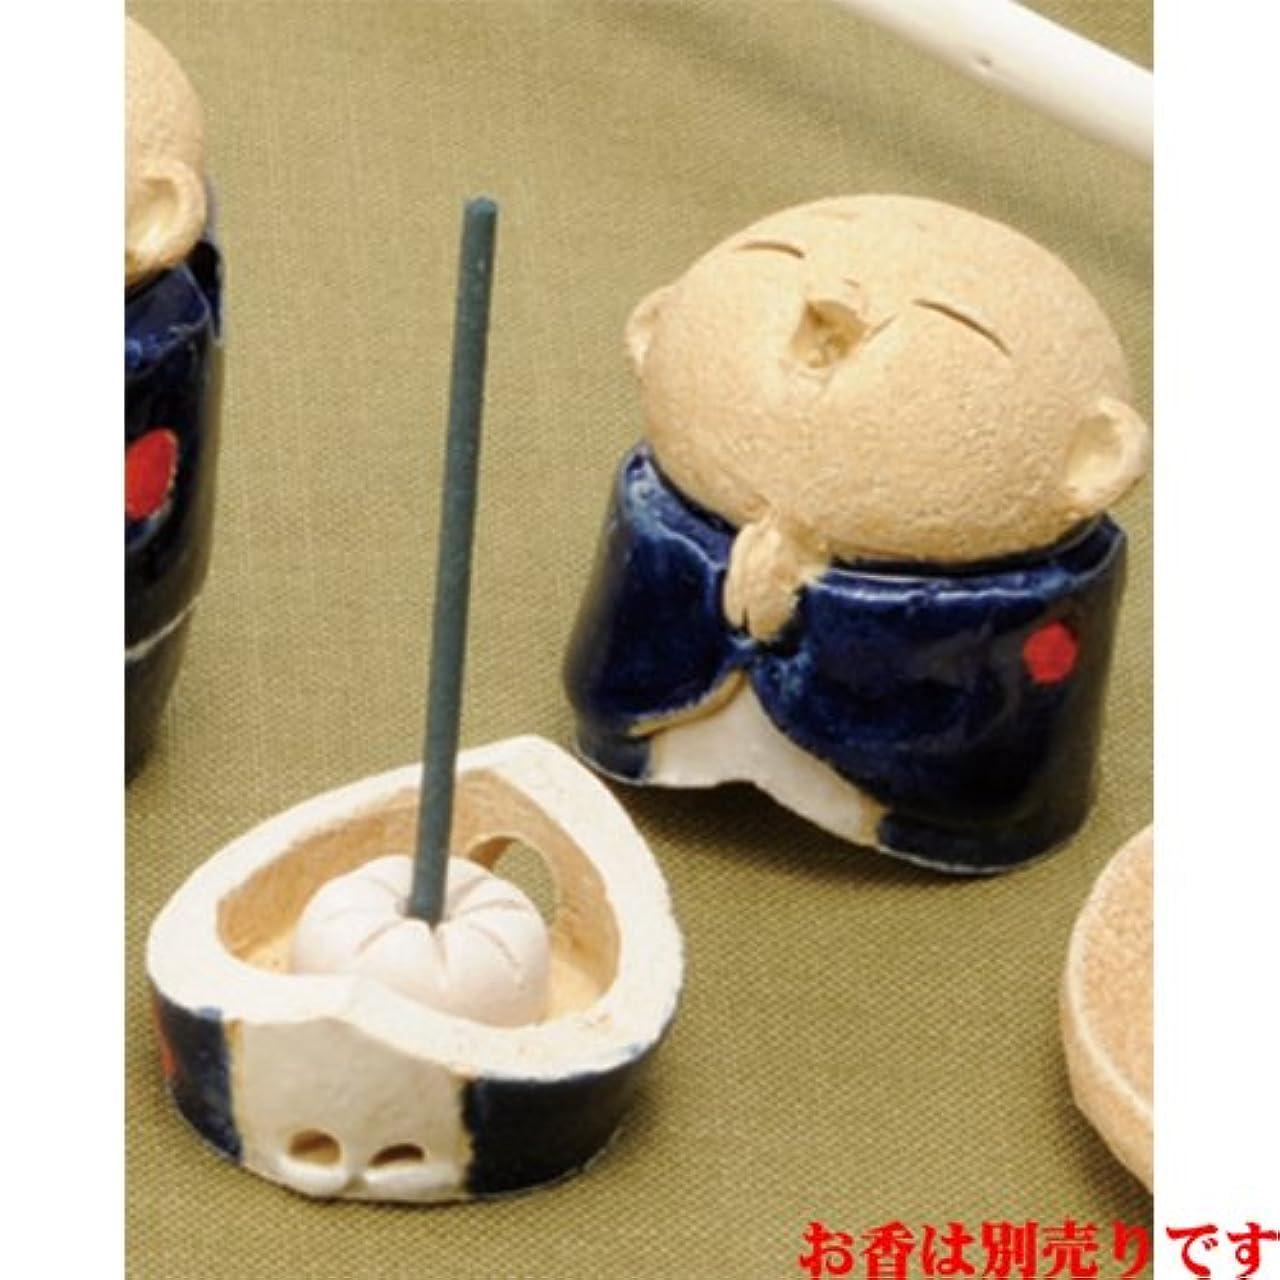 お祝いアカデミッククルーズお地蔵様 香炉シリーズ 青 お地蔵様 香炉 2.0寸 [H6cm] HANDMADE プレゼント ギフト 和食器 かわいい インテリア